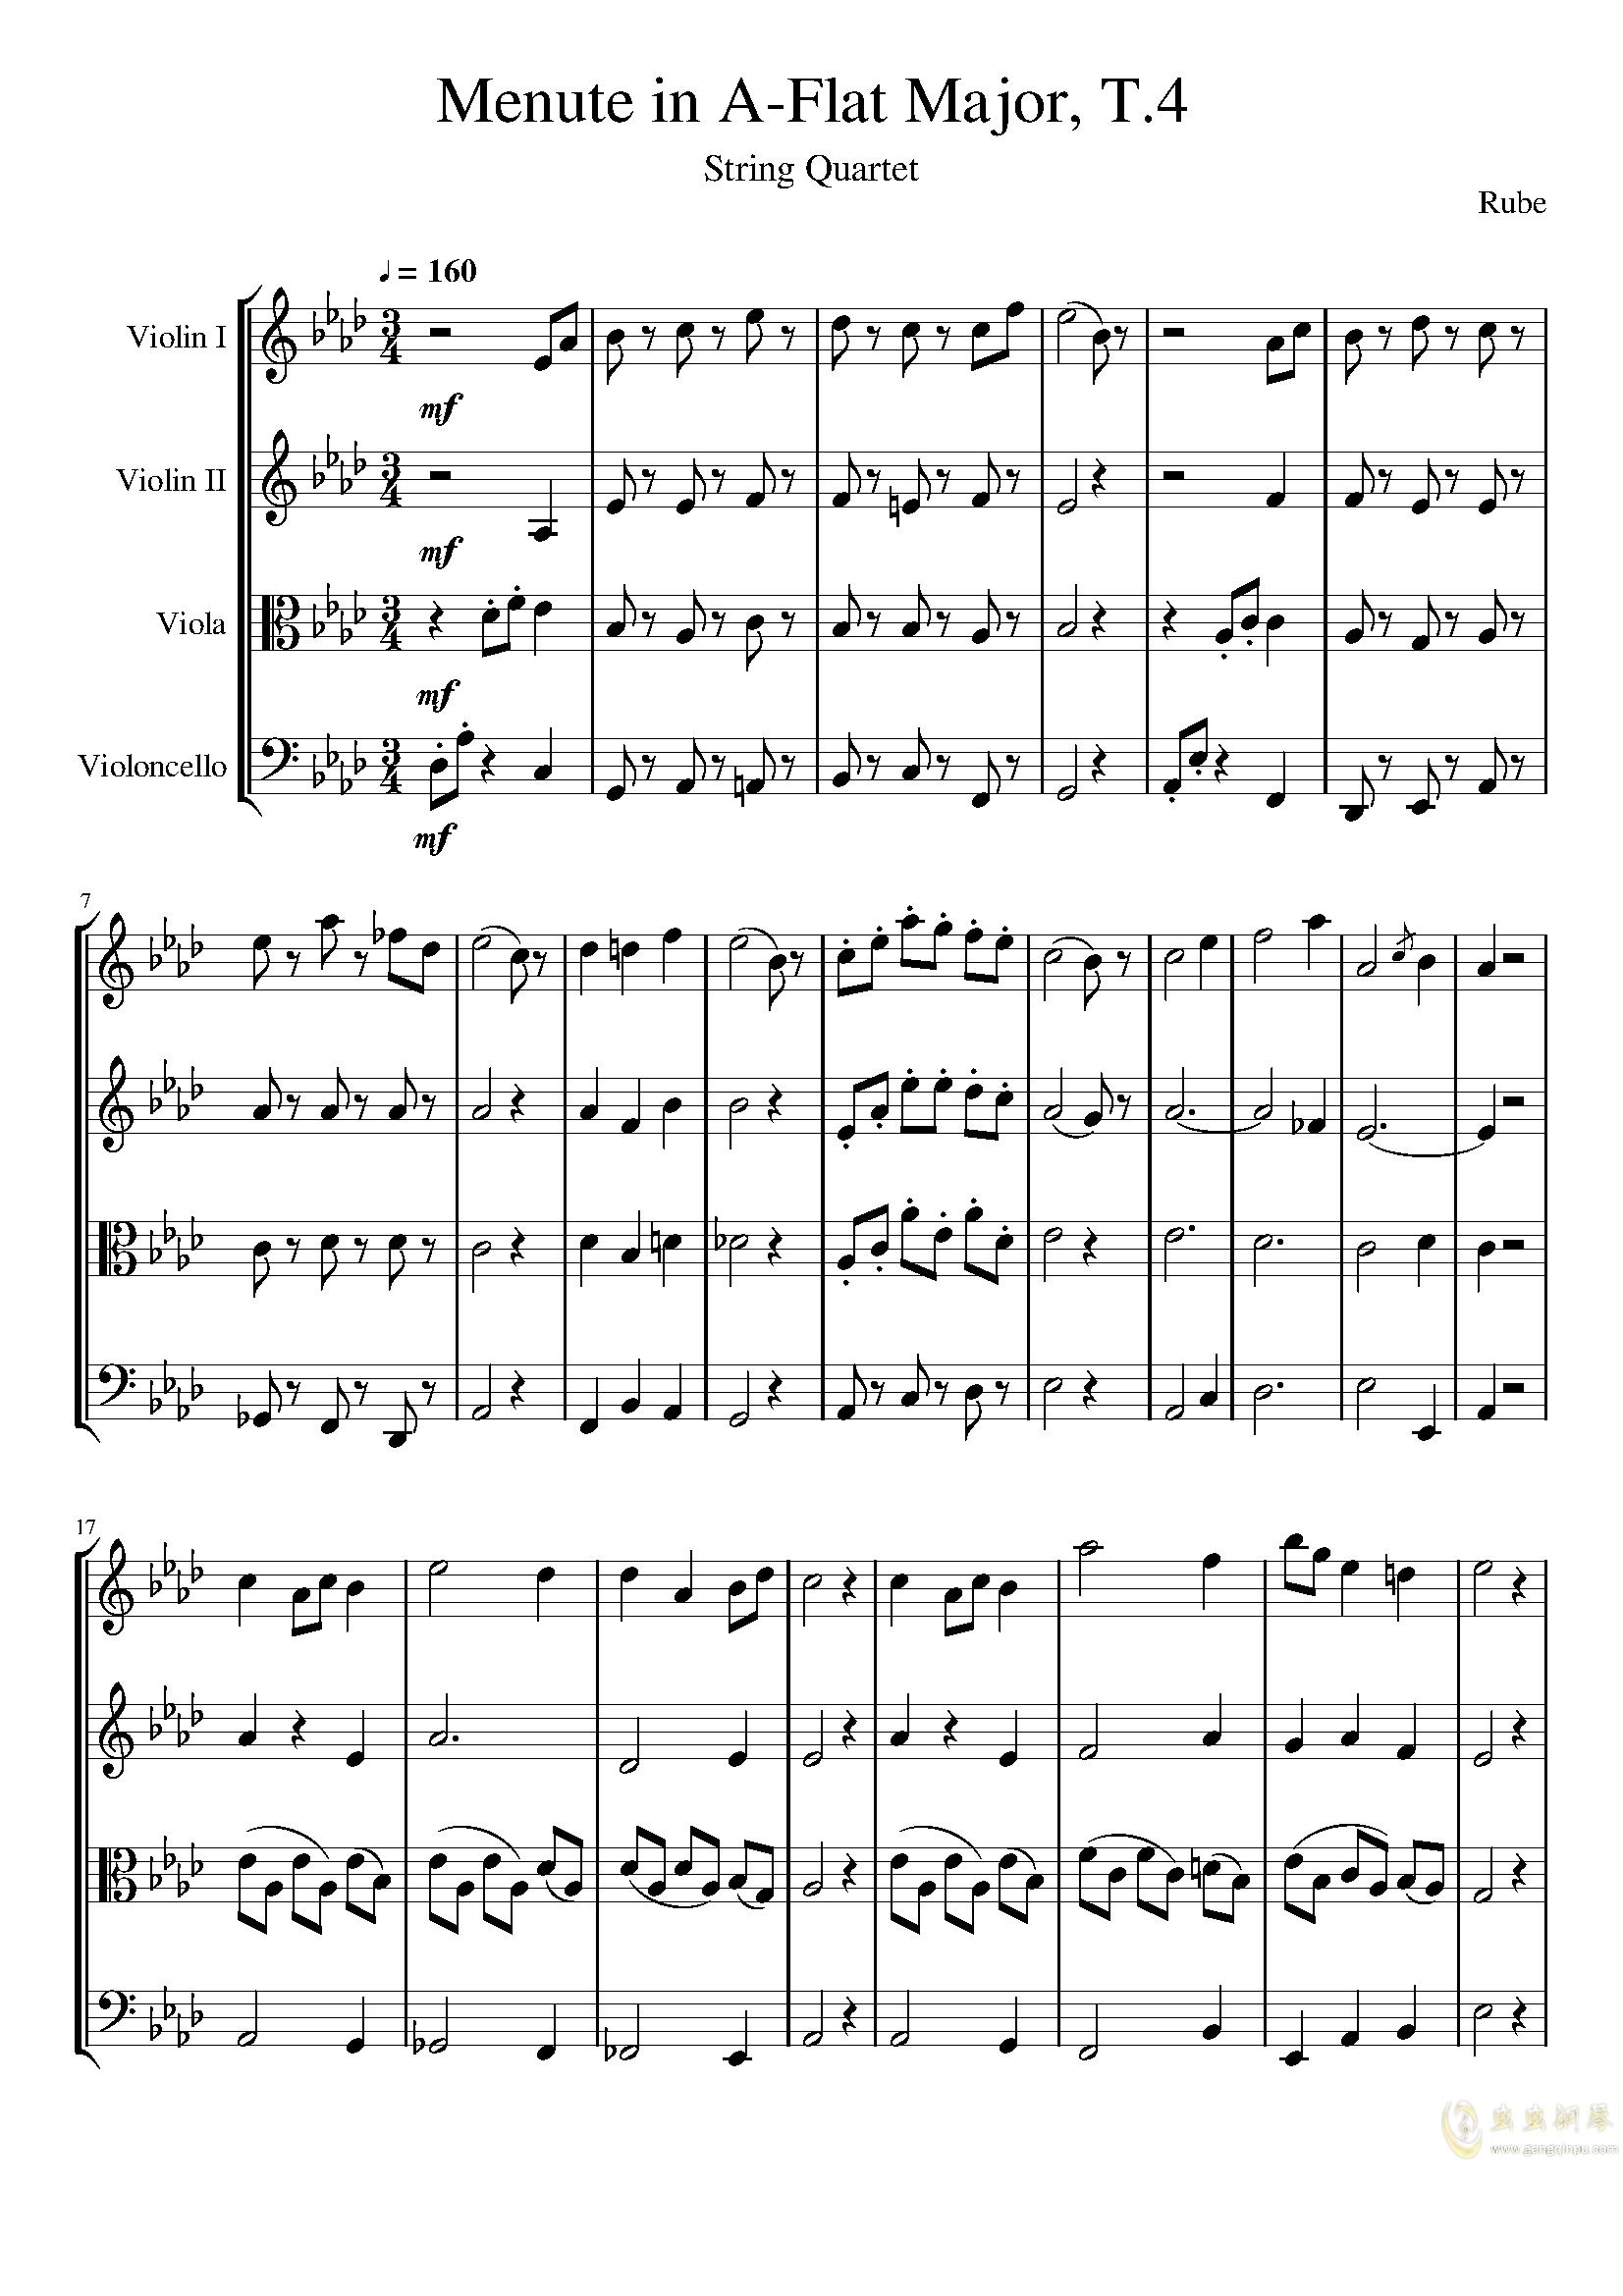 Menute in A-Flat Major, T.4钢琴谱 第1页